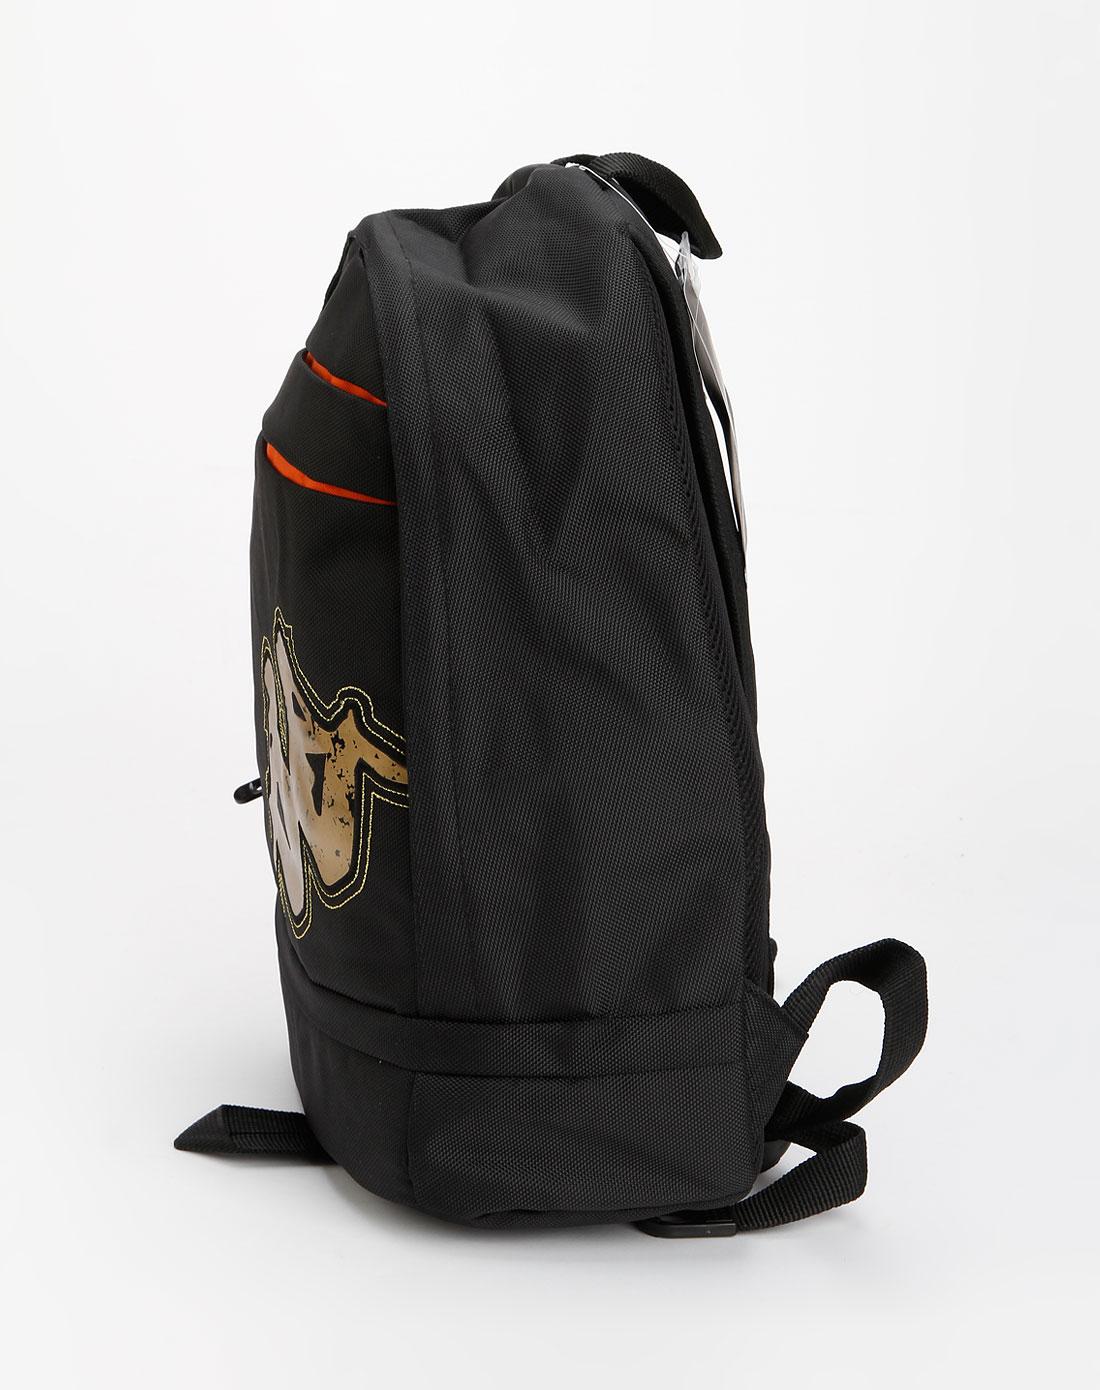 卡帕kappa黑色休闲双肩包k8102bs401-910